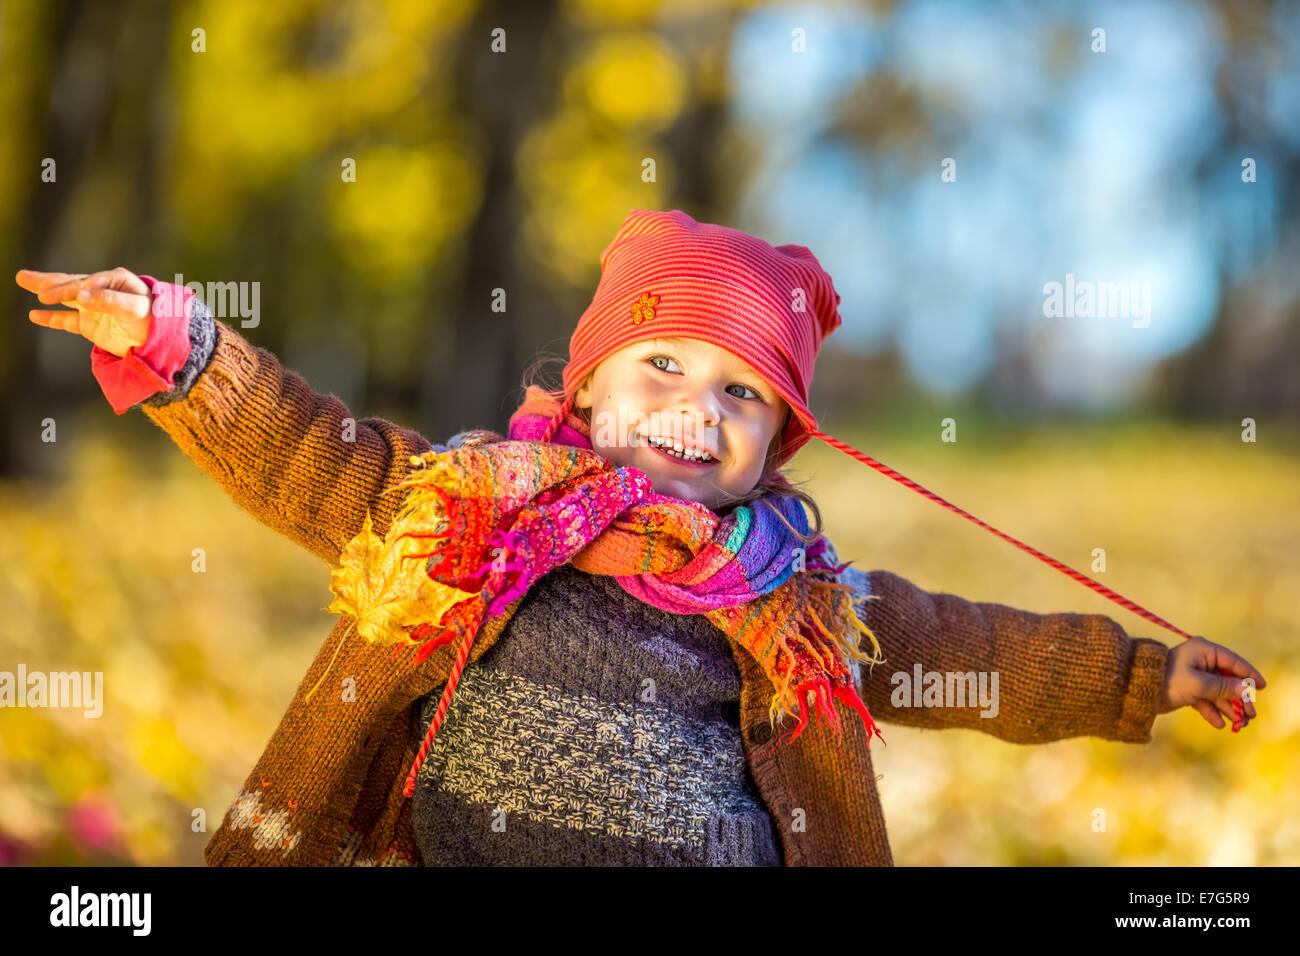 Glückliche kleine Mädchen spielen im Herbst park Stockbild